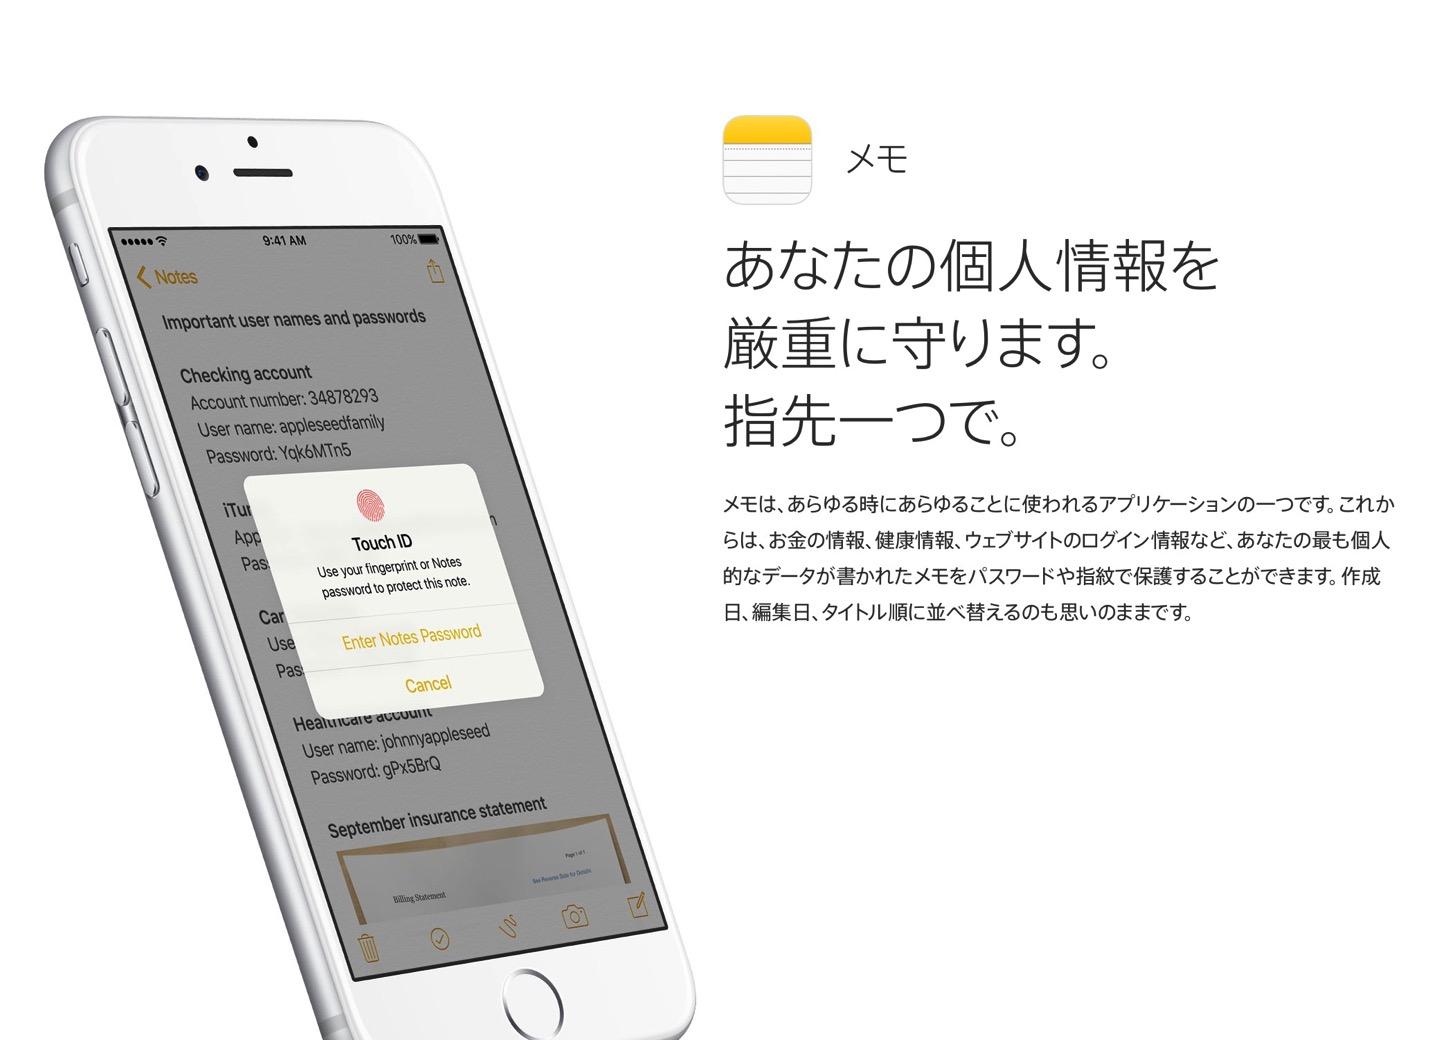 『メモ』アプリの個人情報のセキュリティ強化